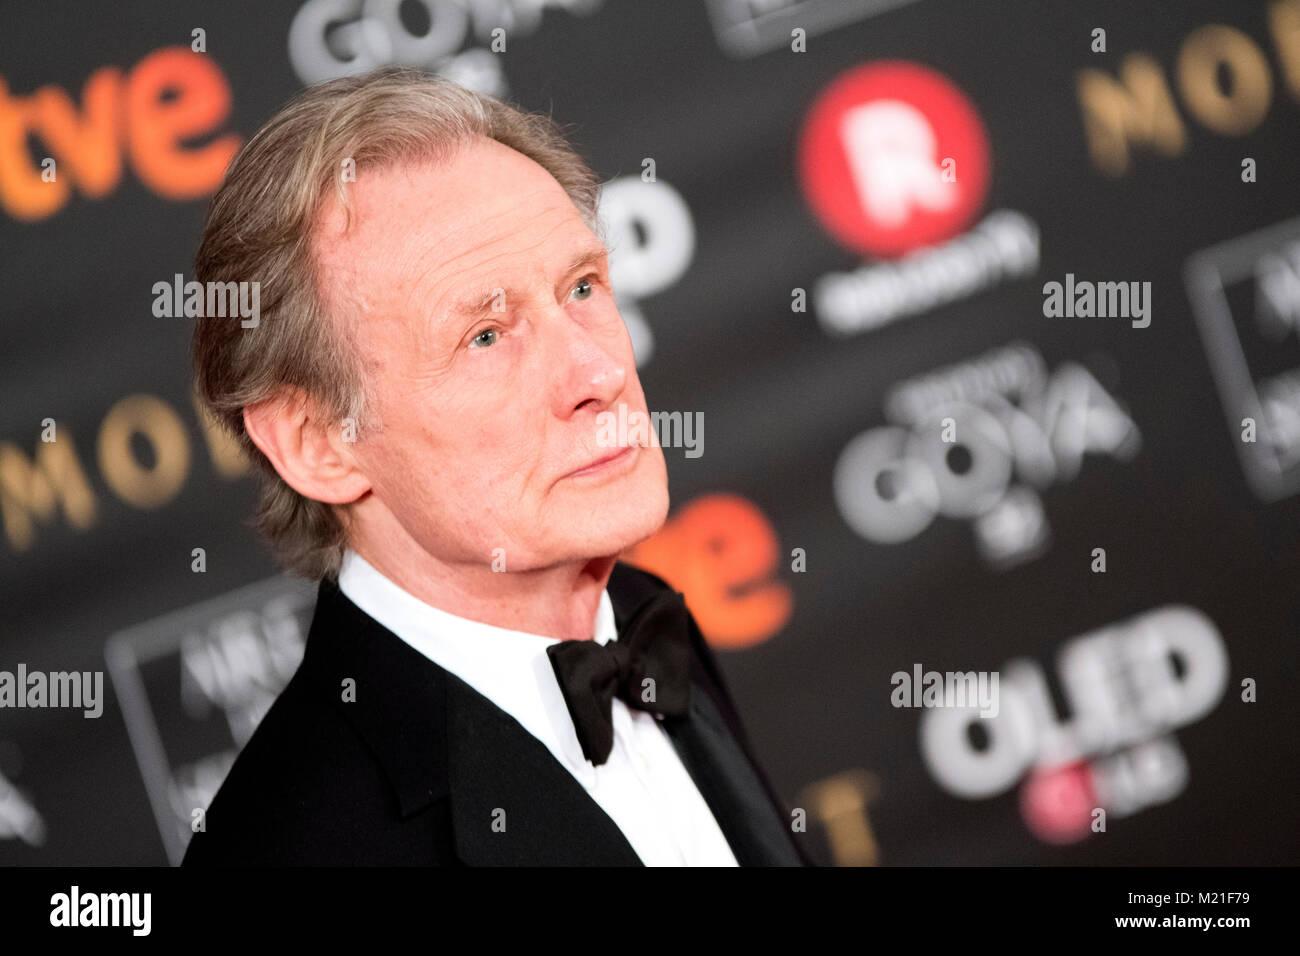 Madrid, Espagne. 3e l'acteur britannique Bill Nighy et nomine pour acteur secondaire, février 2018. Pendant le tapis rouge de l'espagnol Film Awards 'Goya' le 3 février 2018 à Madrid, Espagne. ©david Gato/Alamy Live News Banque D'Images